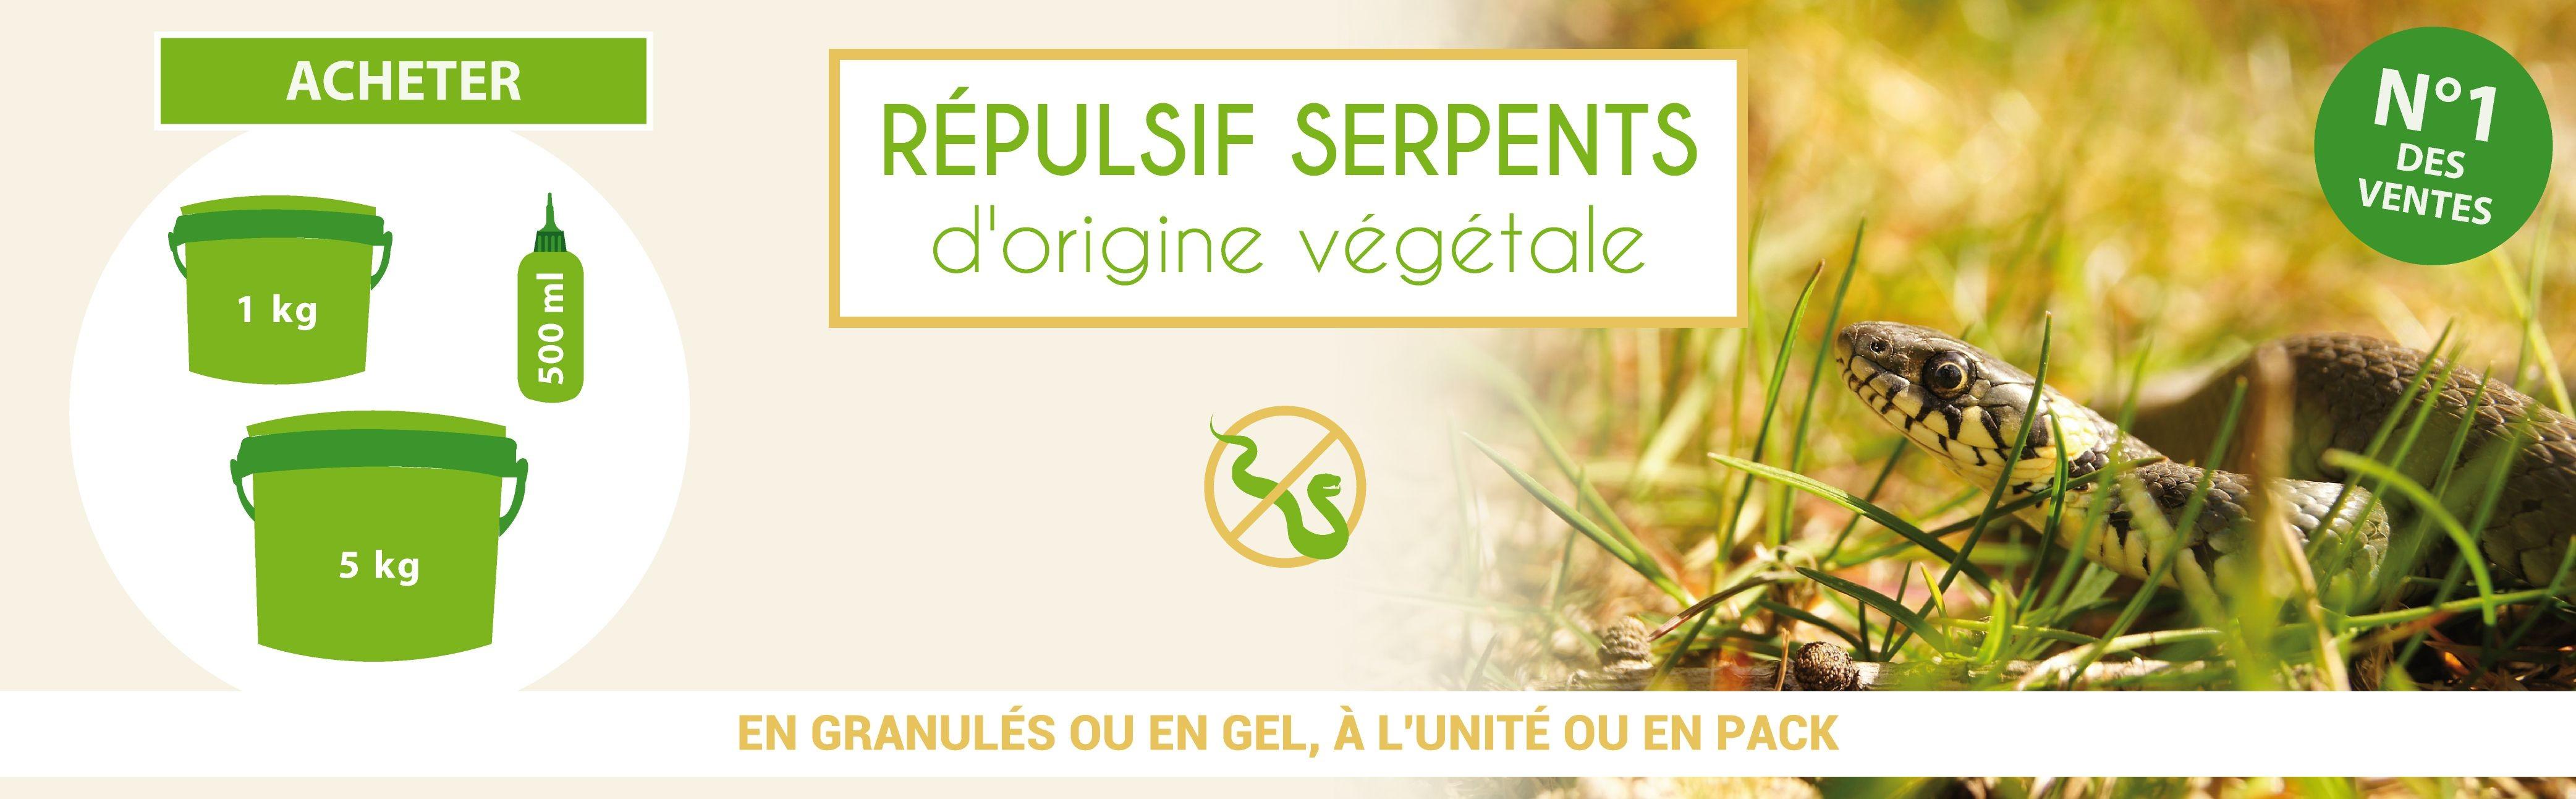 Répulsif serpents d'origine végétale N°1 des ventes